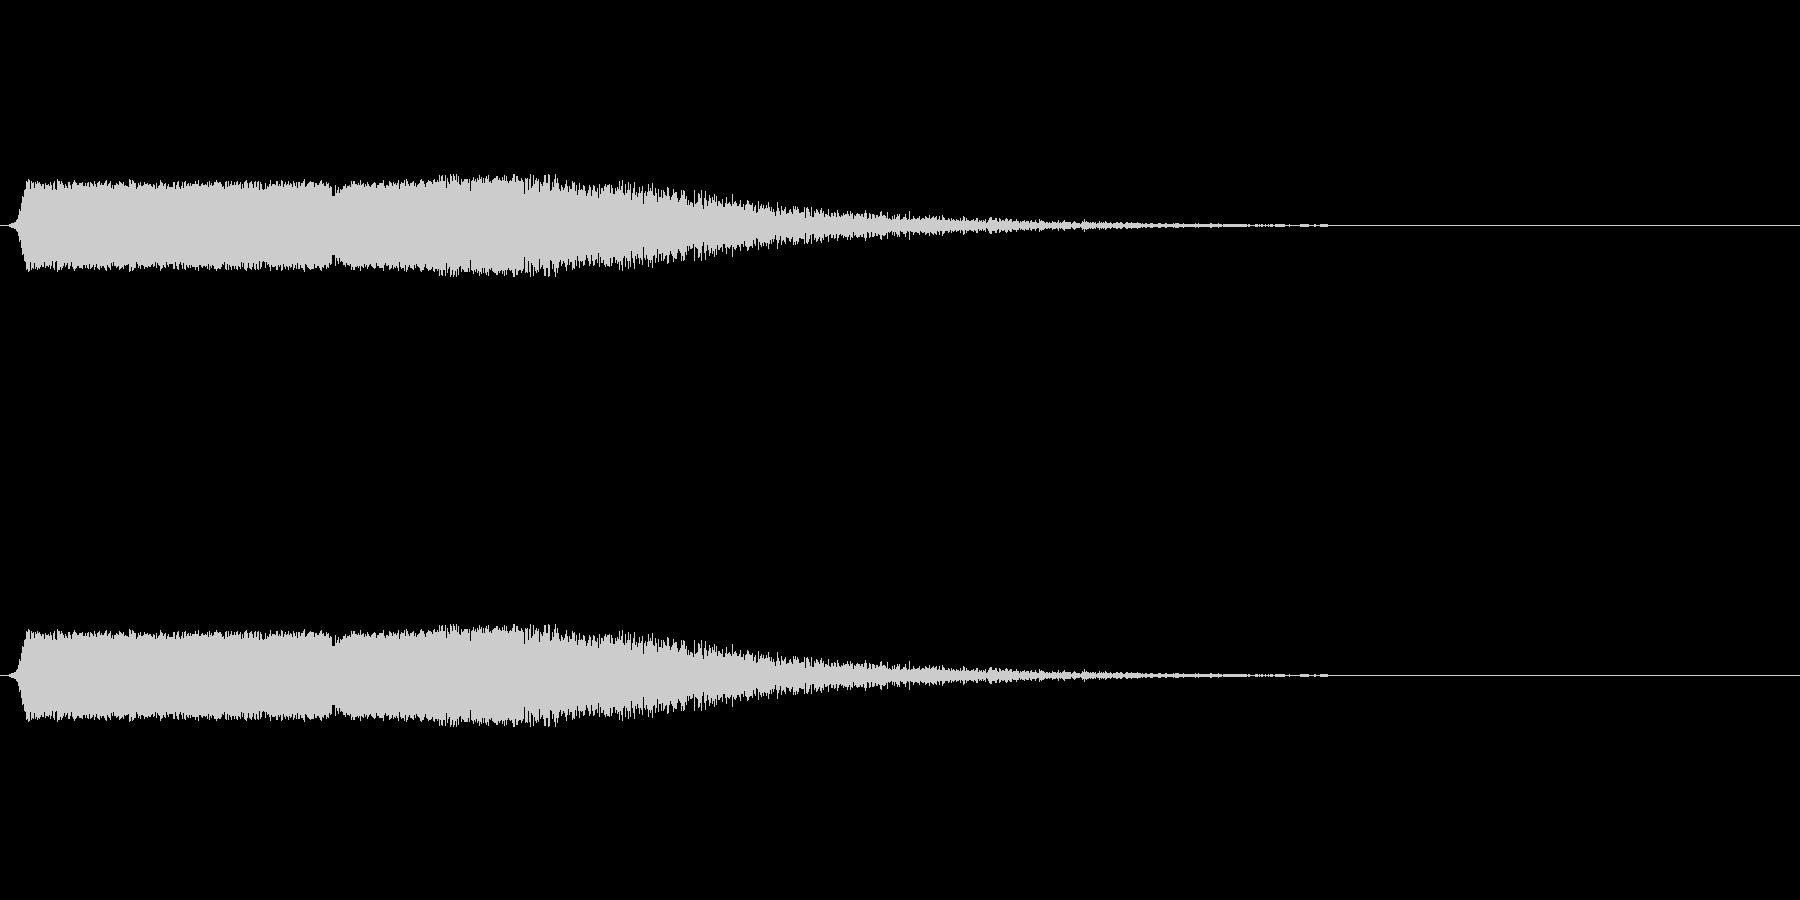 シューン:矢印が下降するような音の未再生の波形